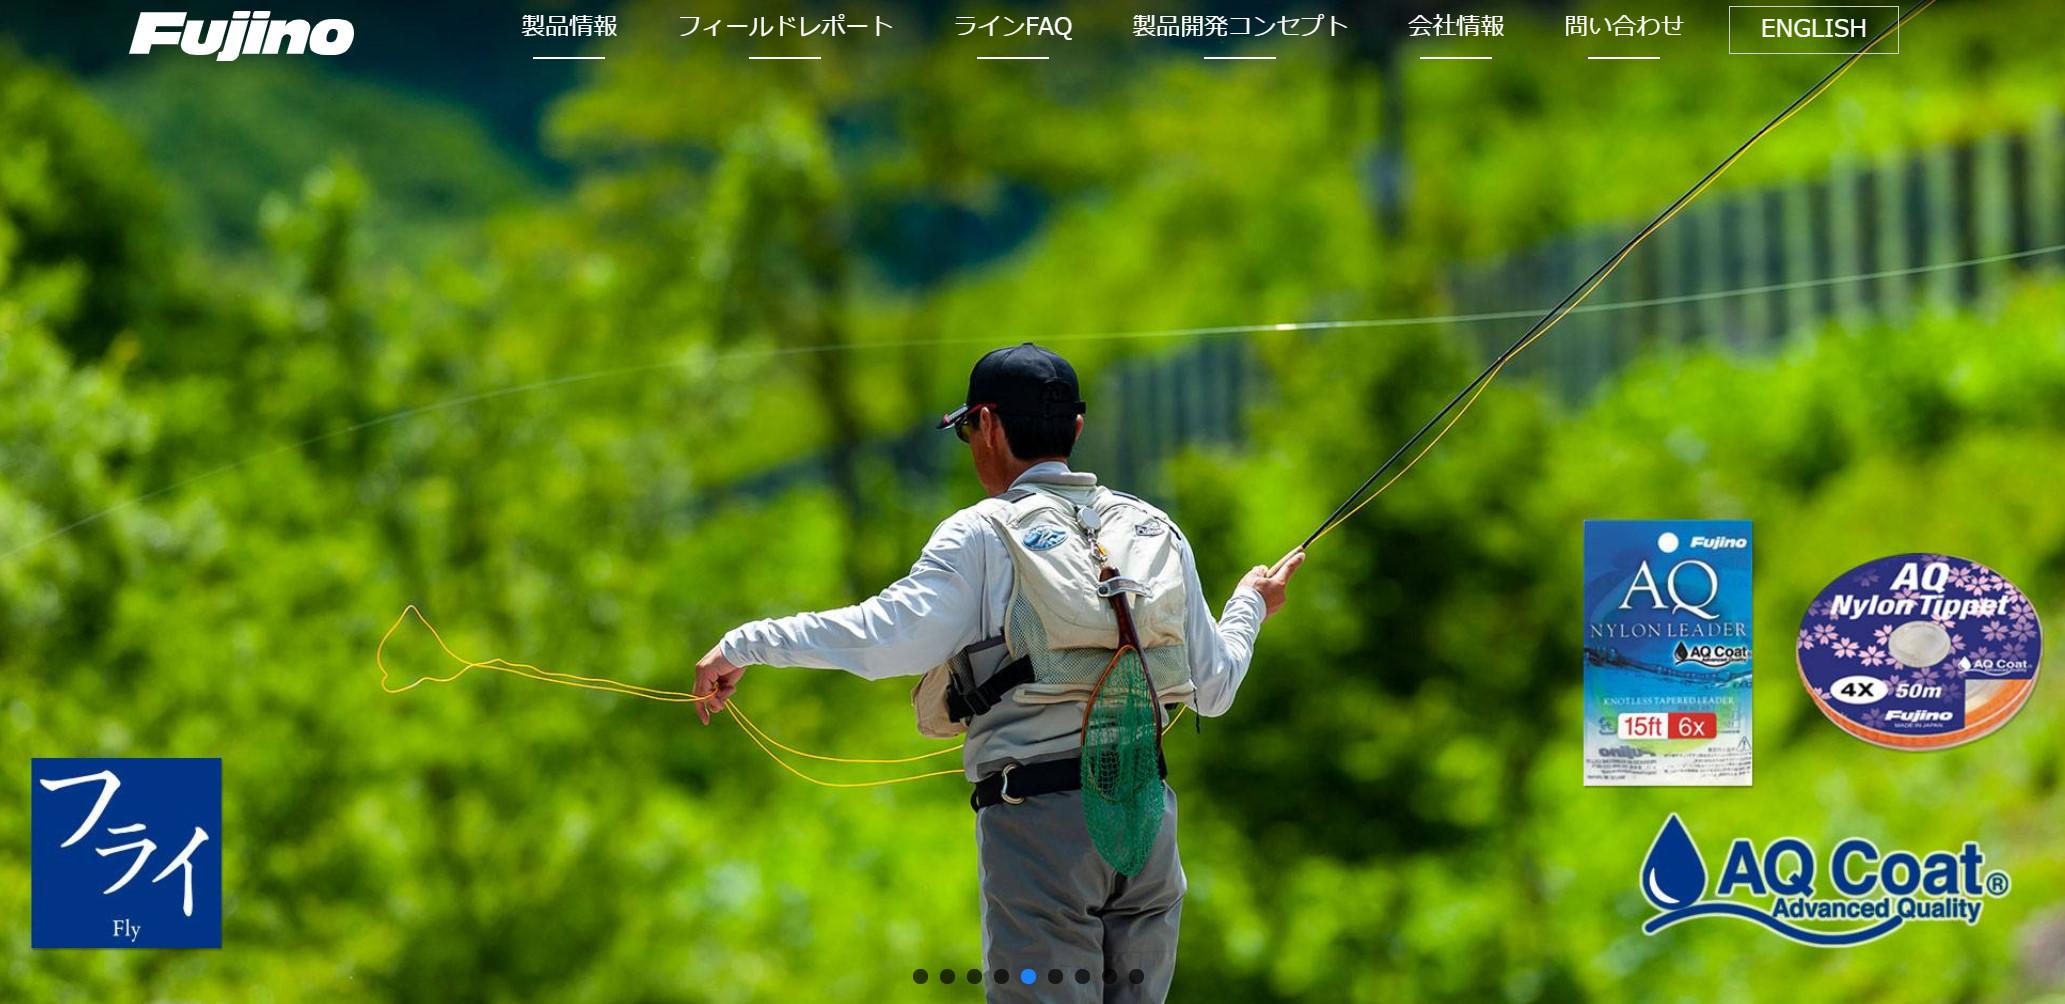 株式会社フジノライン 段戸川C&R区間パートナー企業に